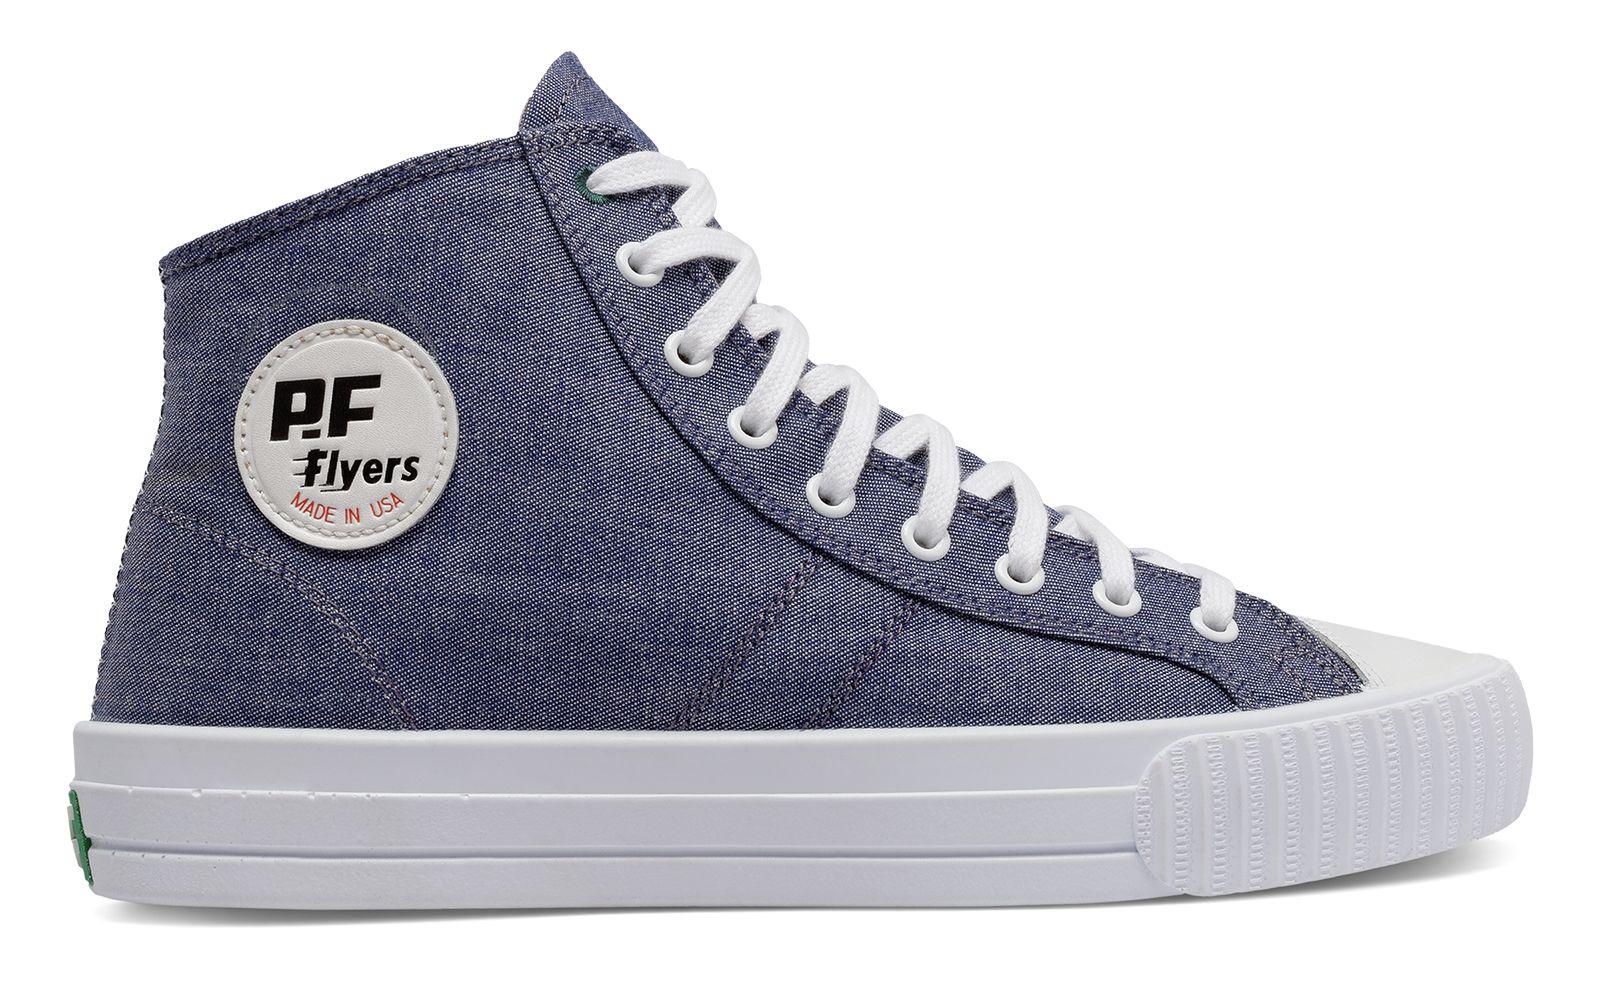 Gitman Vintage Made in USA Center Hi Shoes